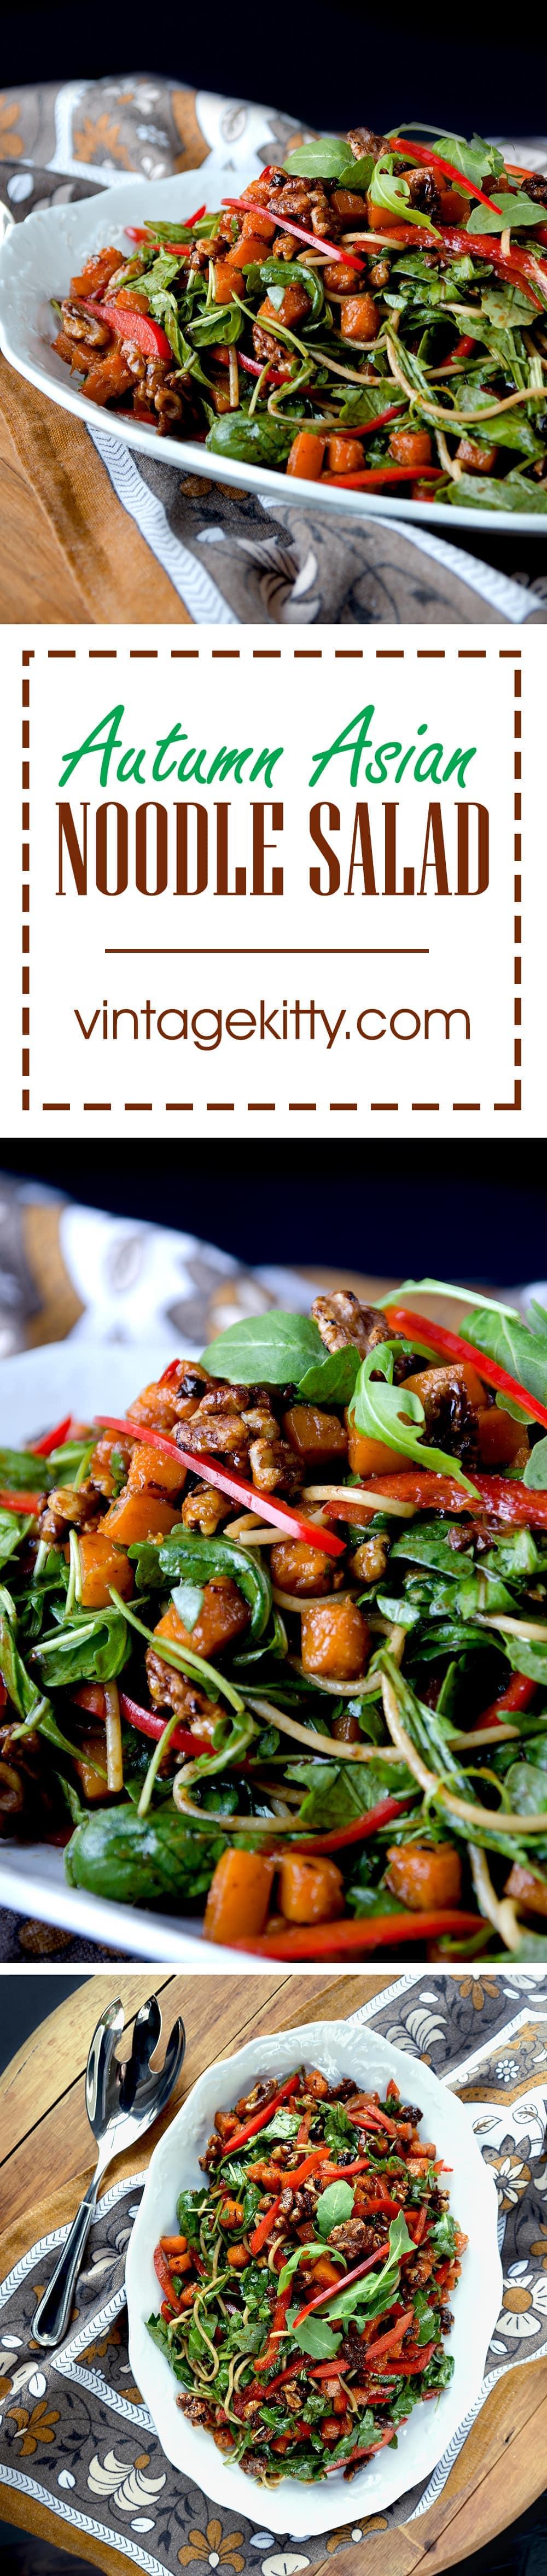 Autumn Asian Noodle Salad Pin - Autumn Asian Noodle Salad